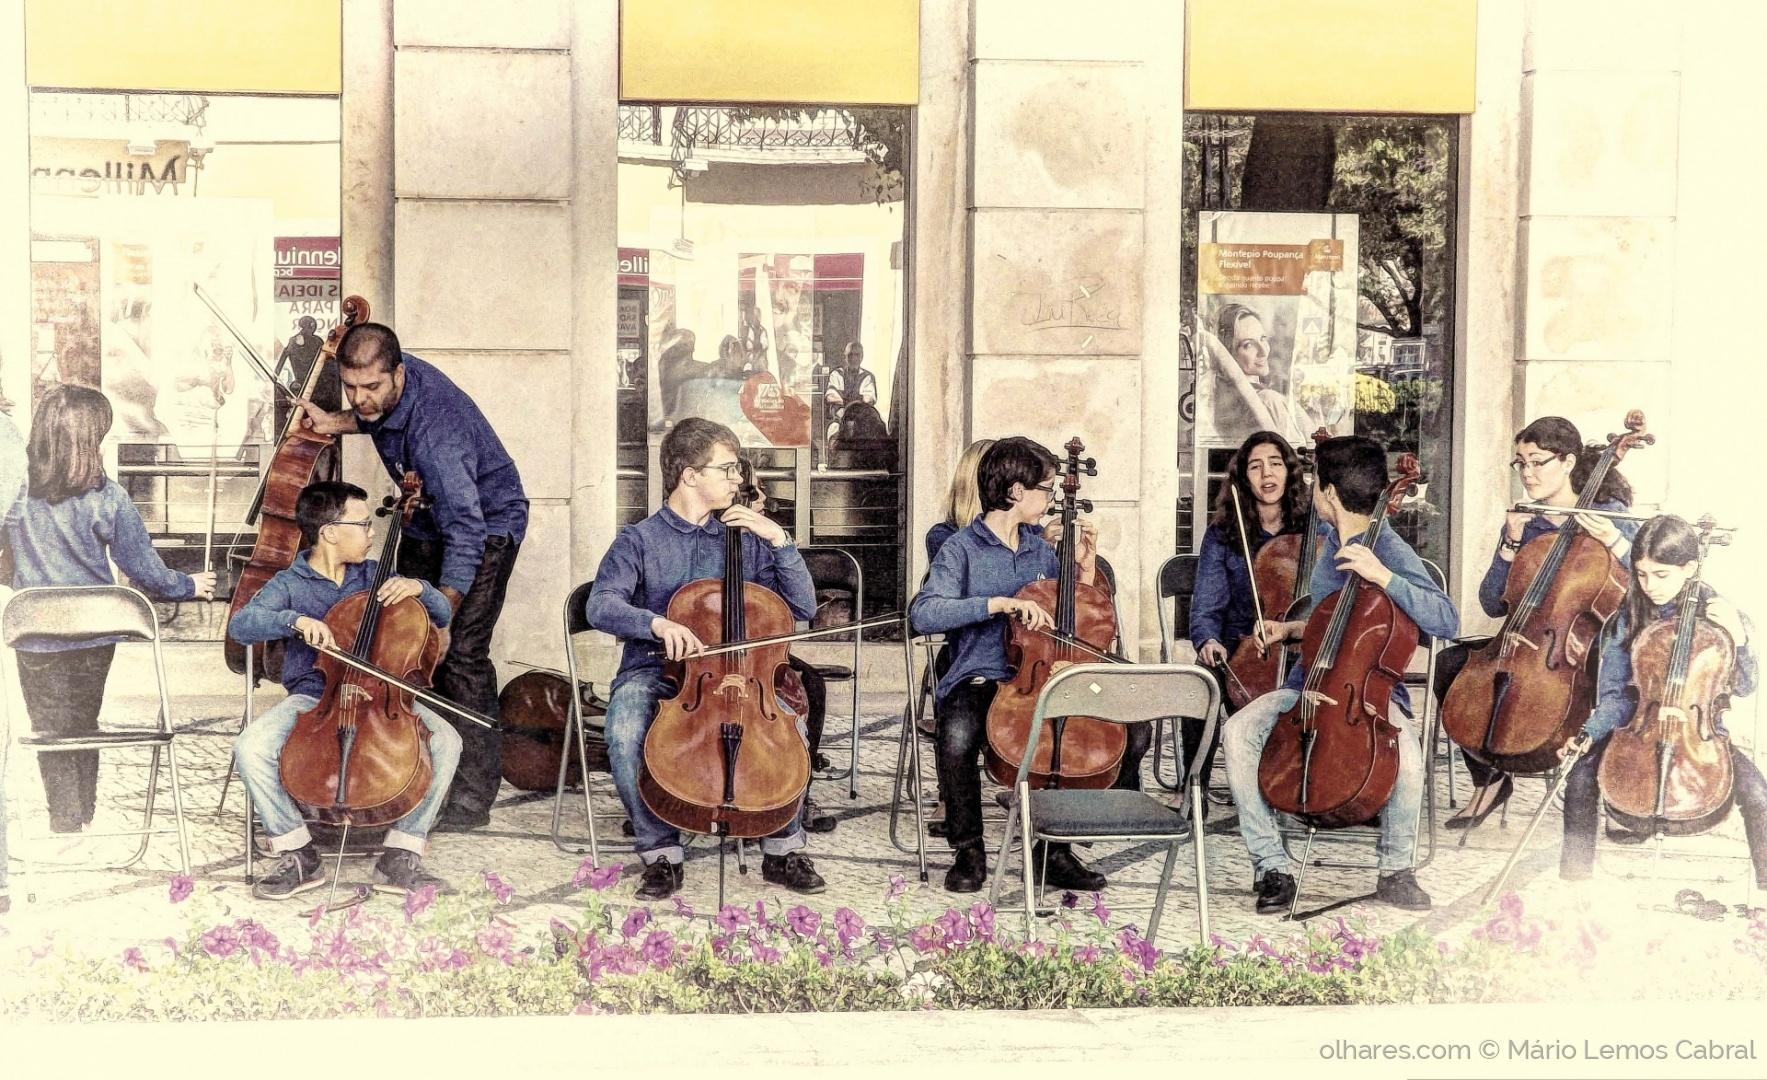 Espetáculos/Concerto na Praça do Bocage (ler)